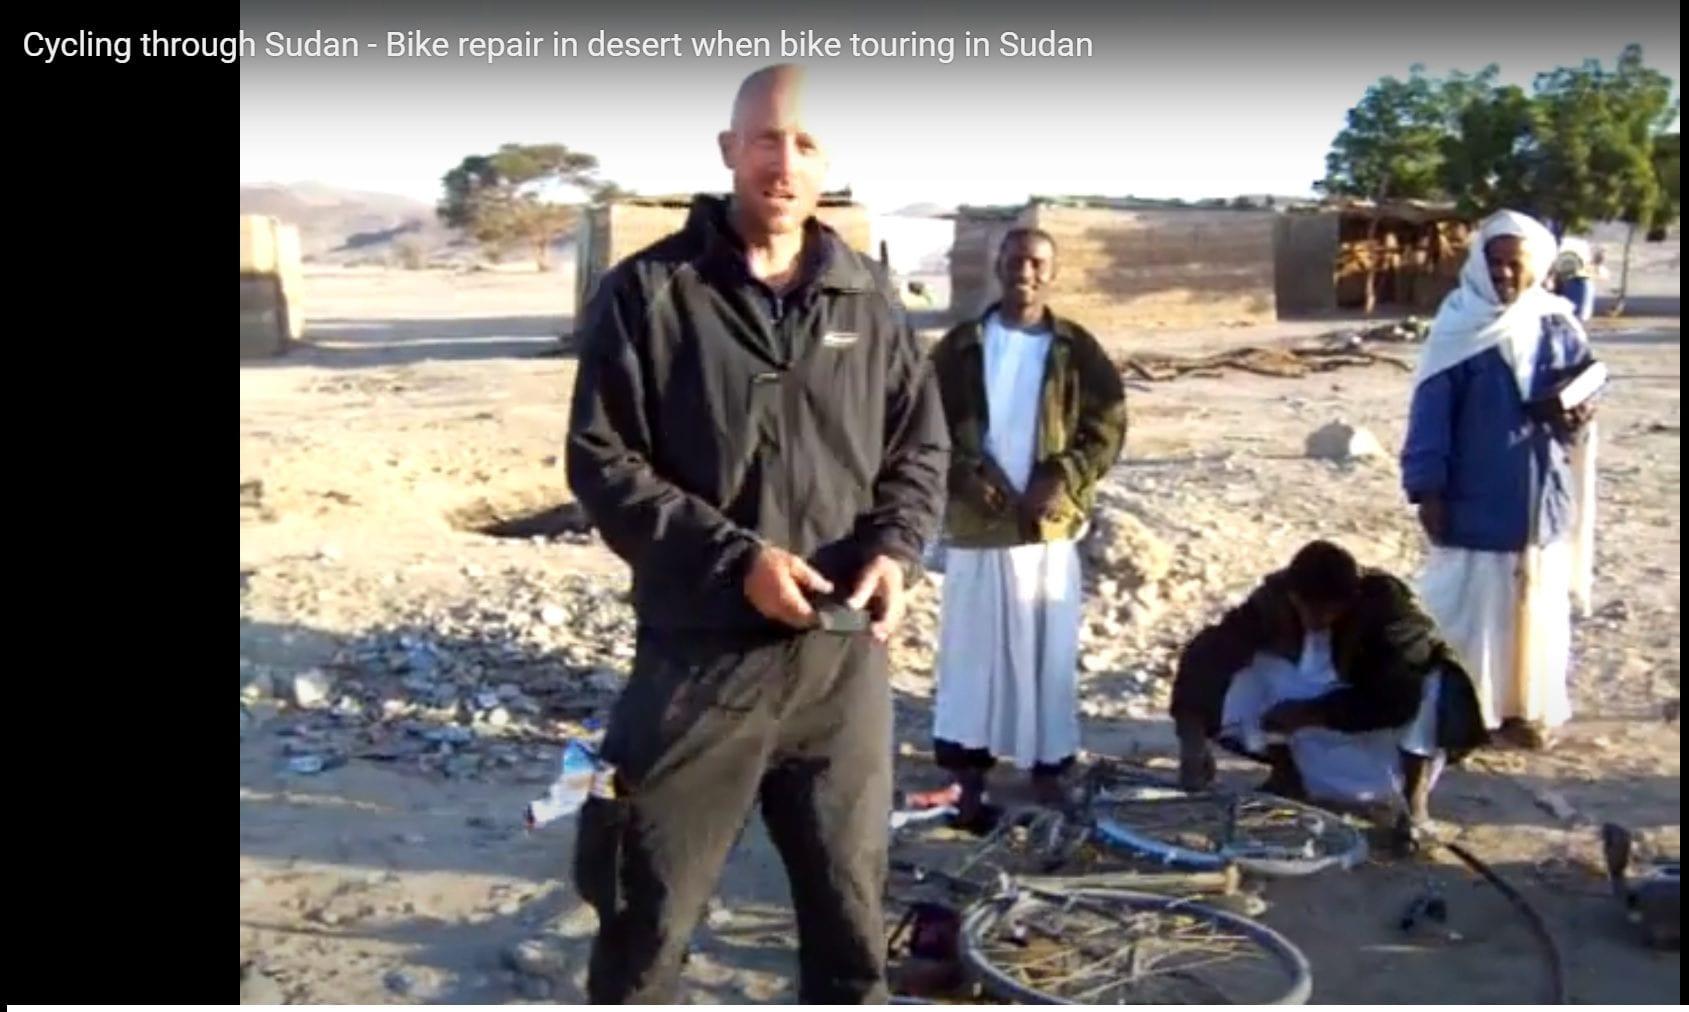 Fixing my broken rack in Sudan